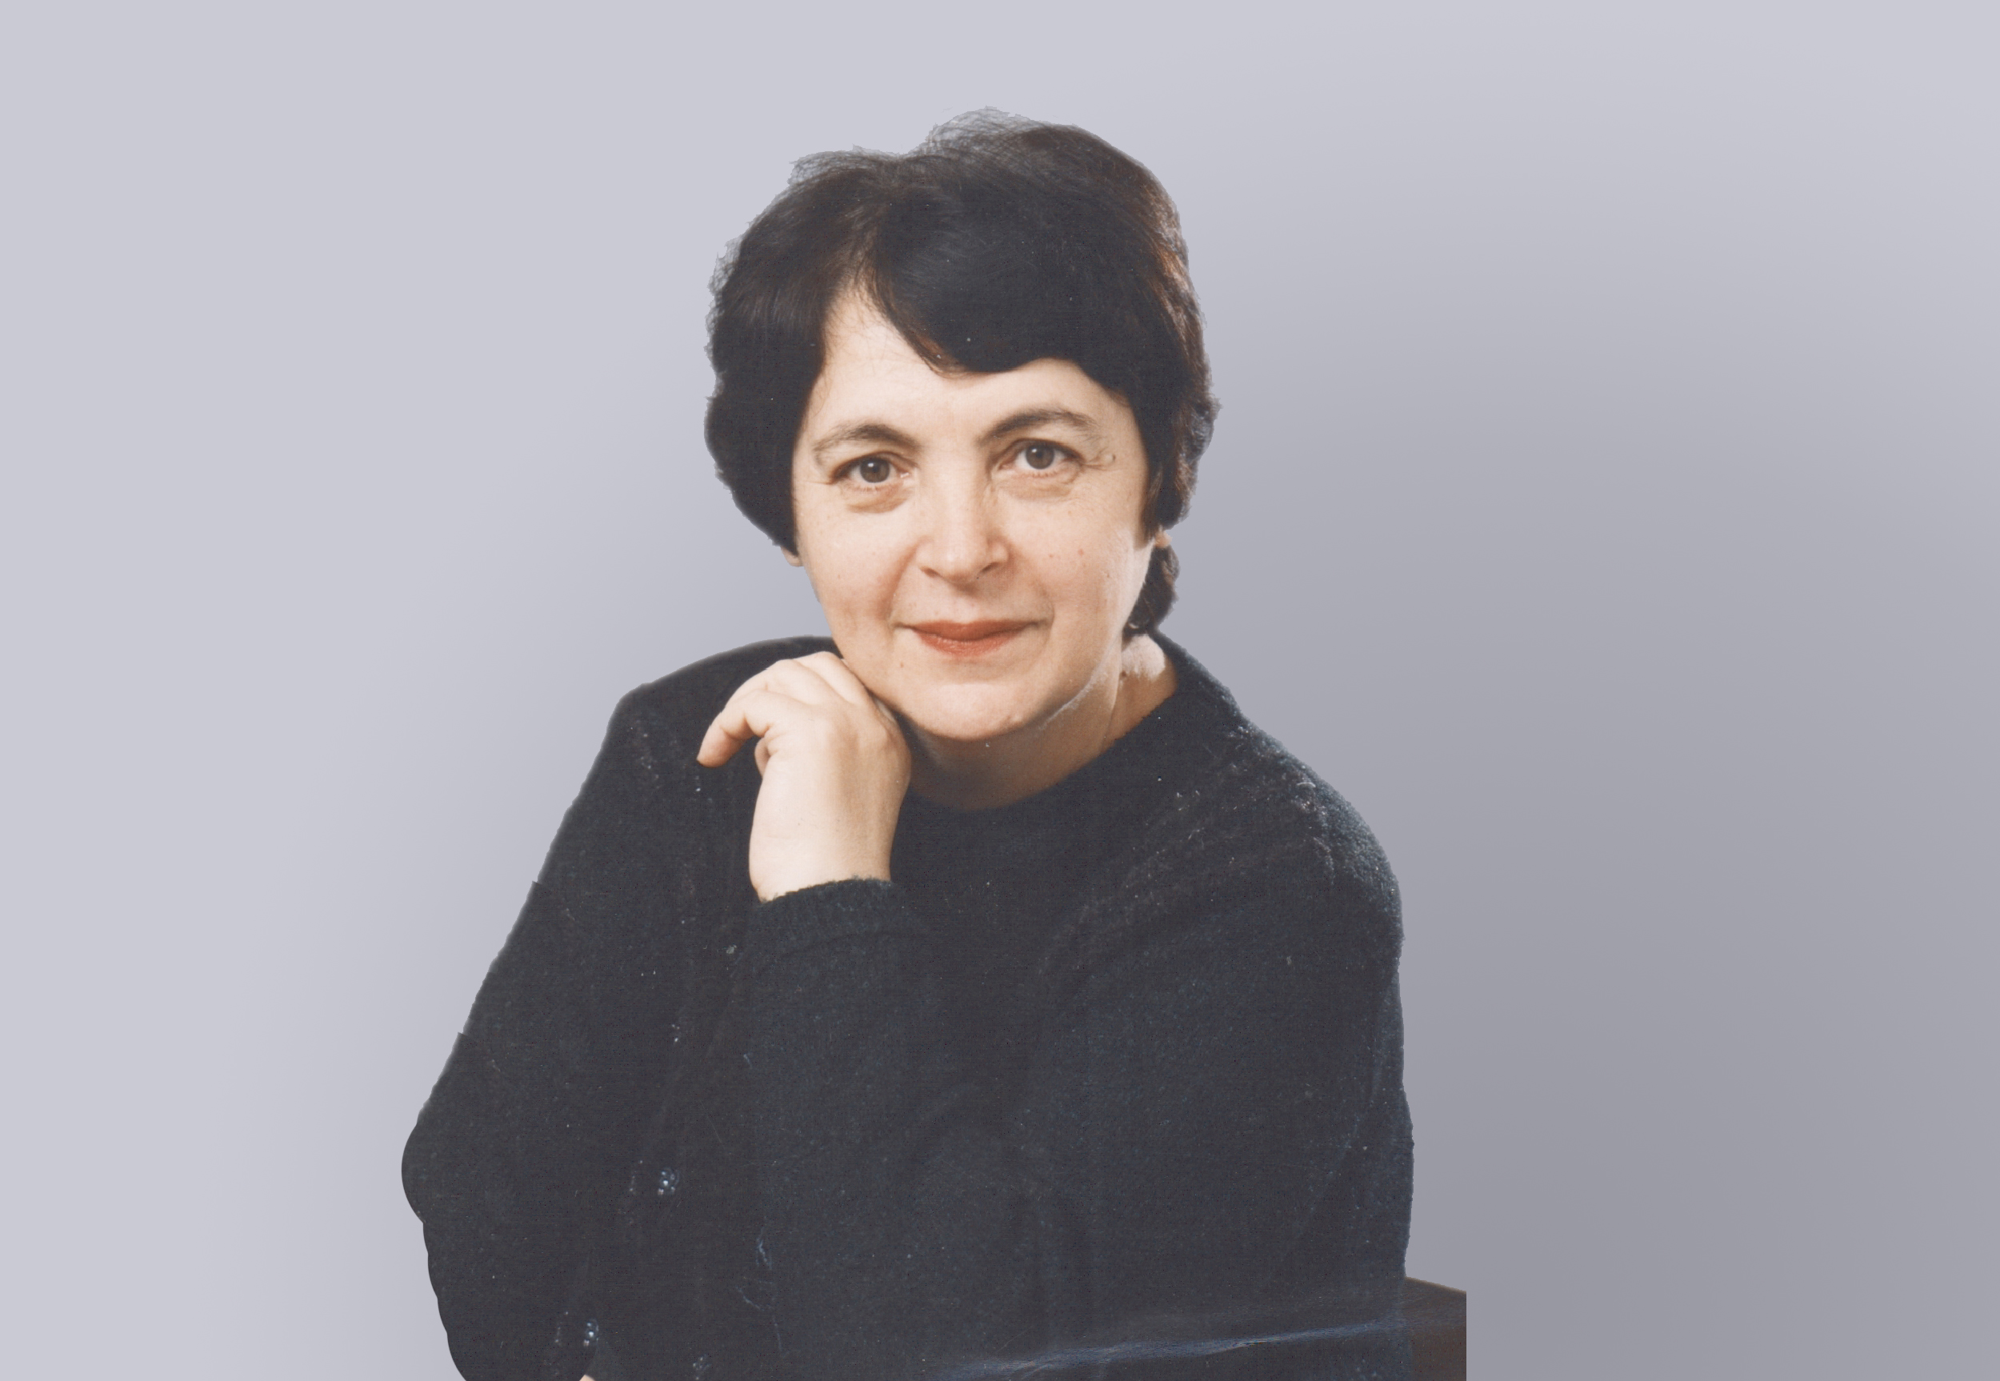 Заслуженный учитель Российской Федерации Валентина Бязырова отмечает юбилей